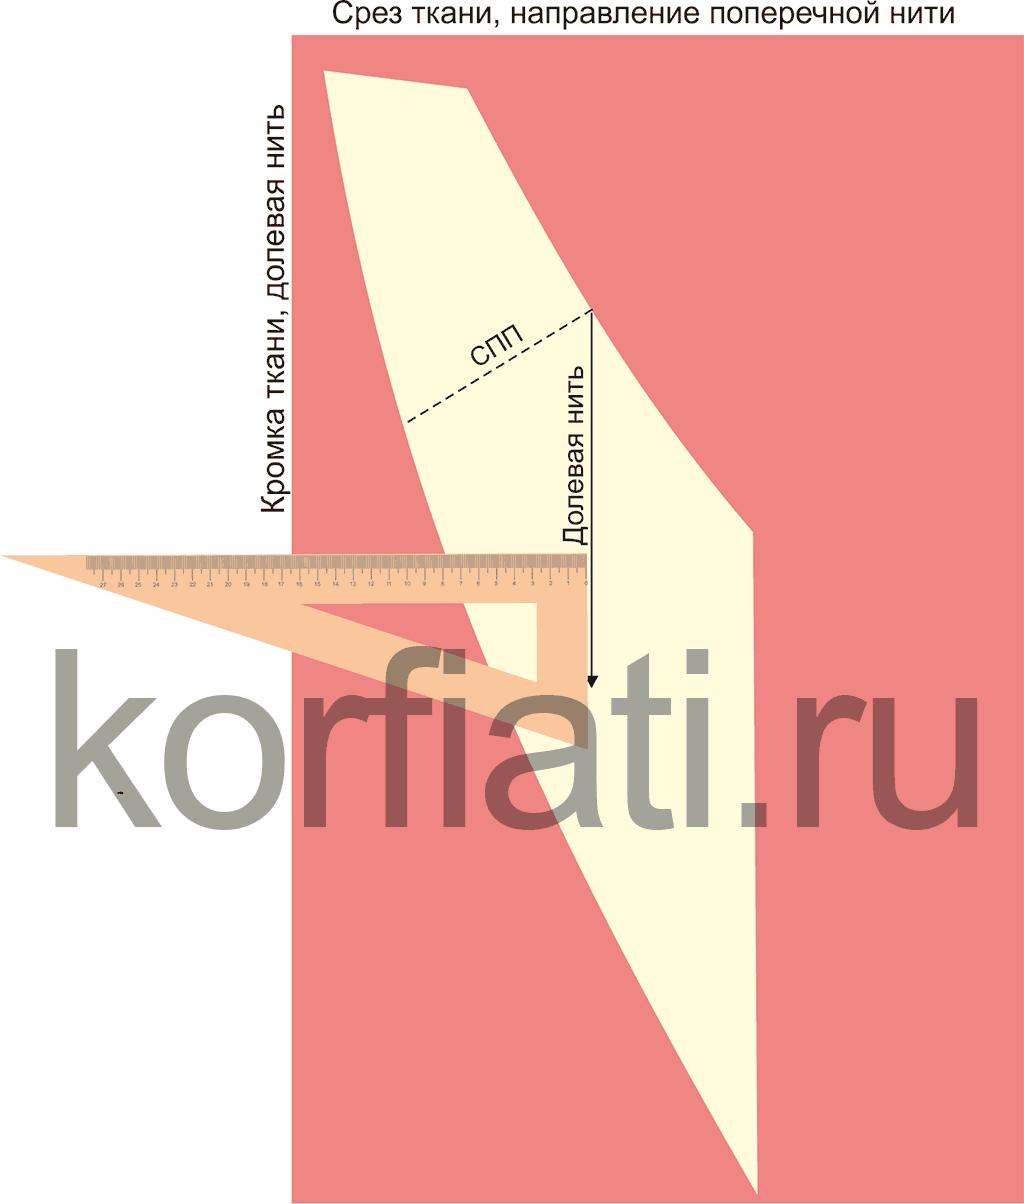 Раскладка детали по направлению долевой нити